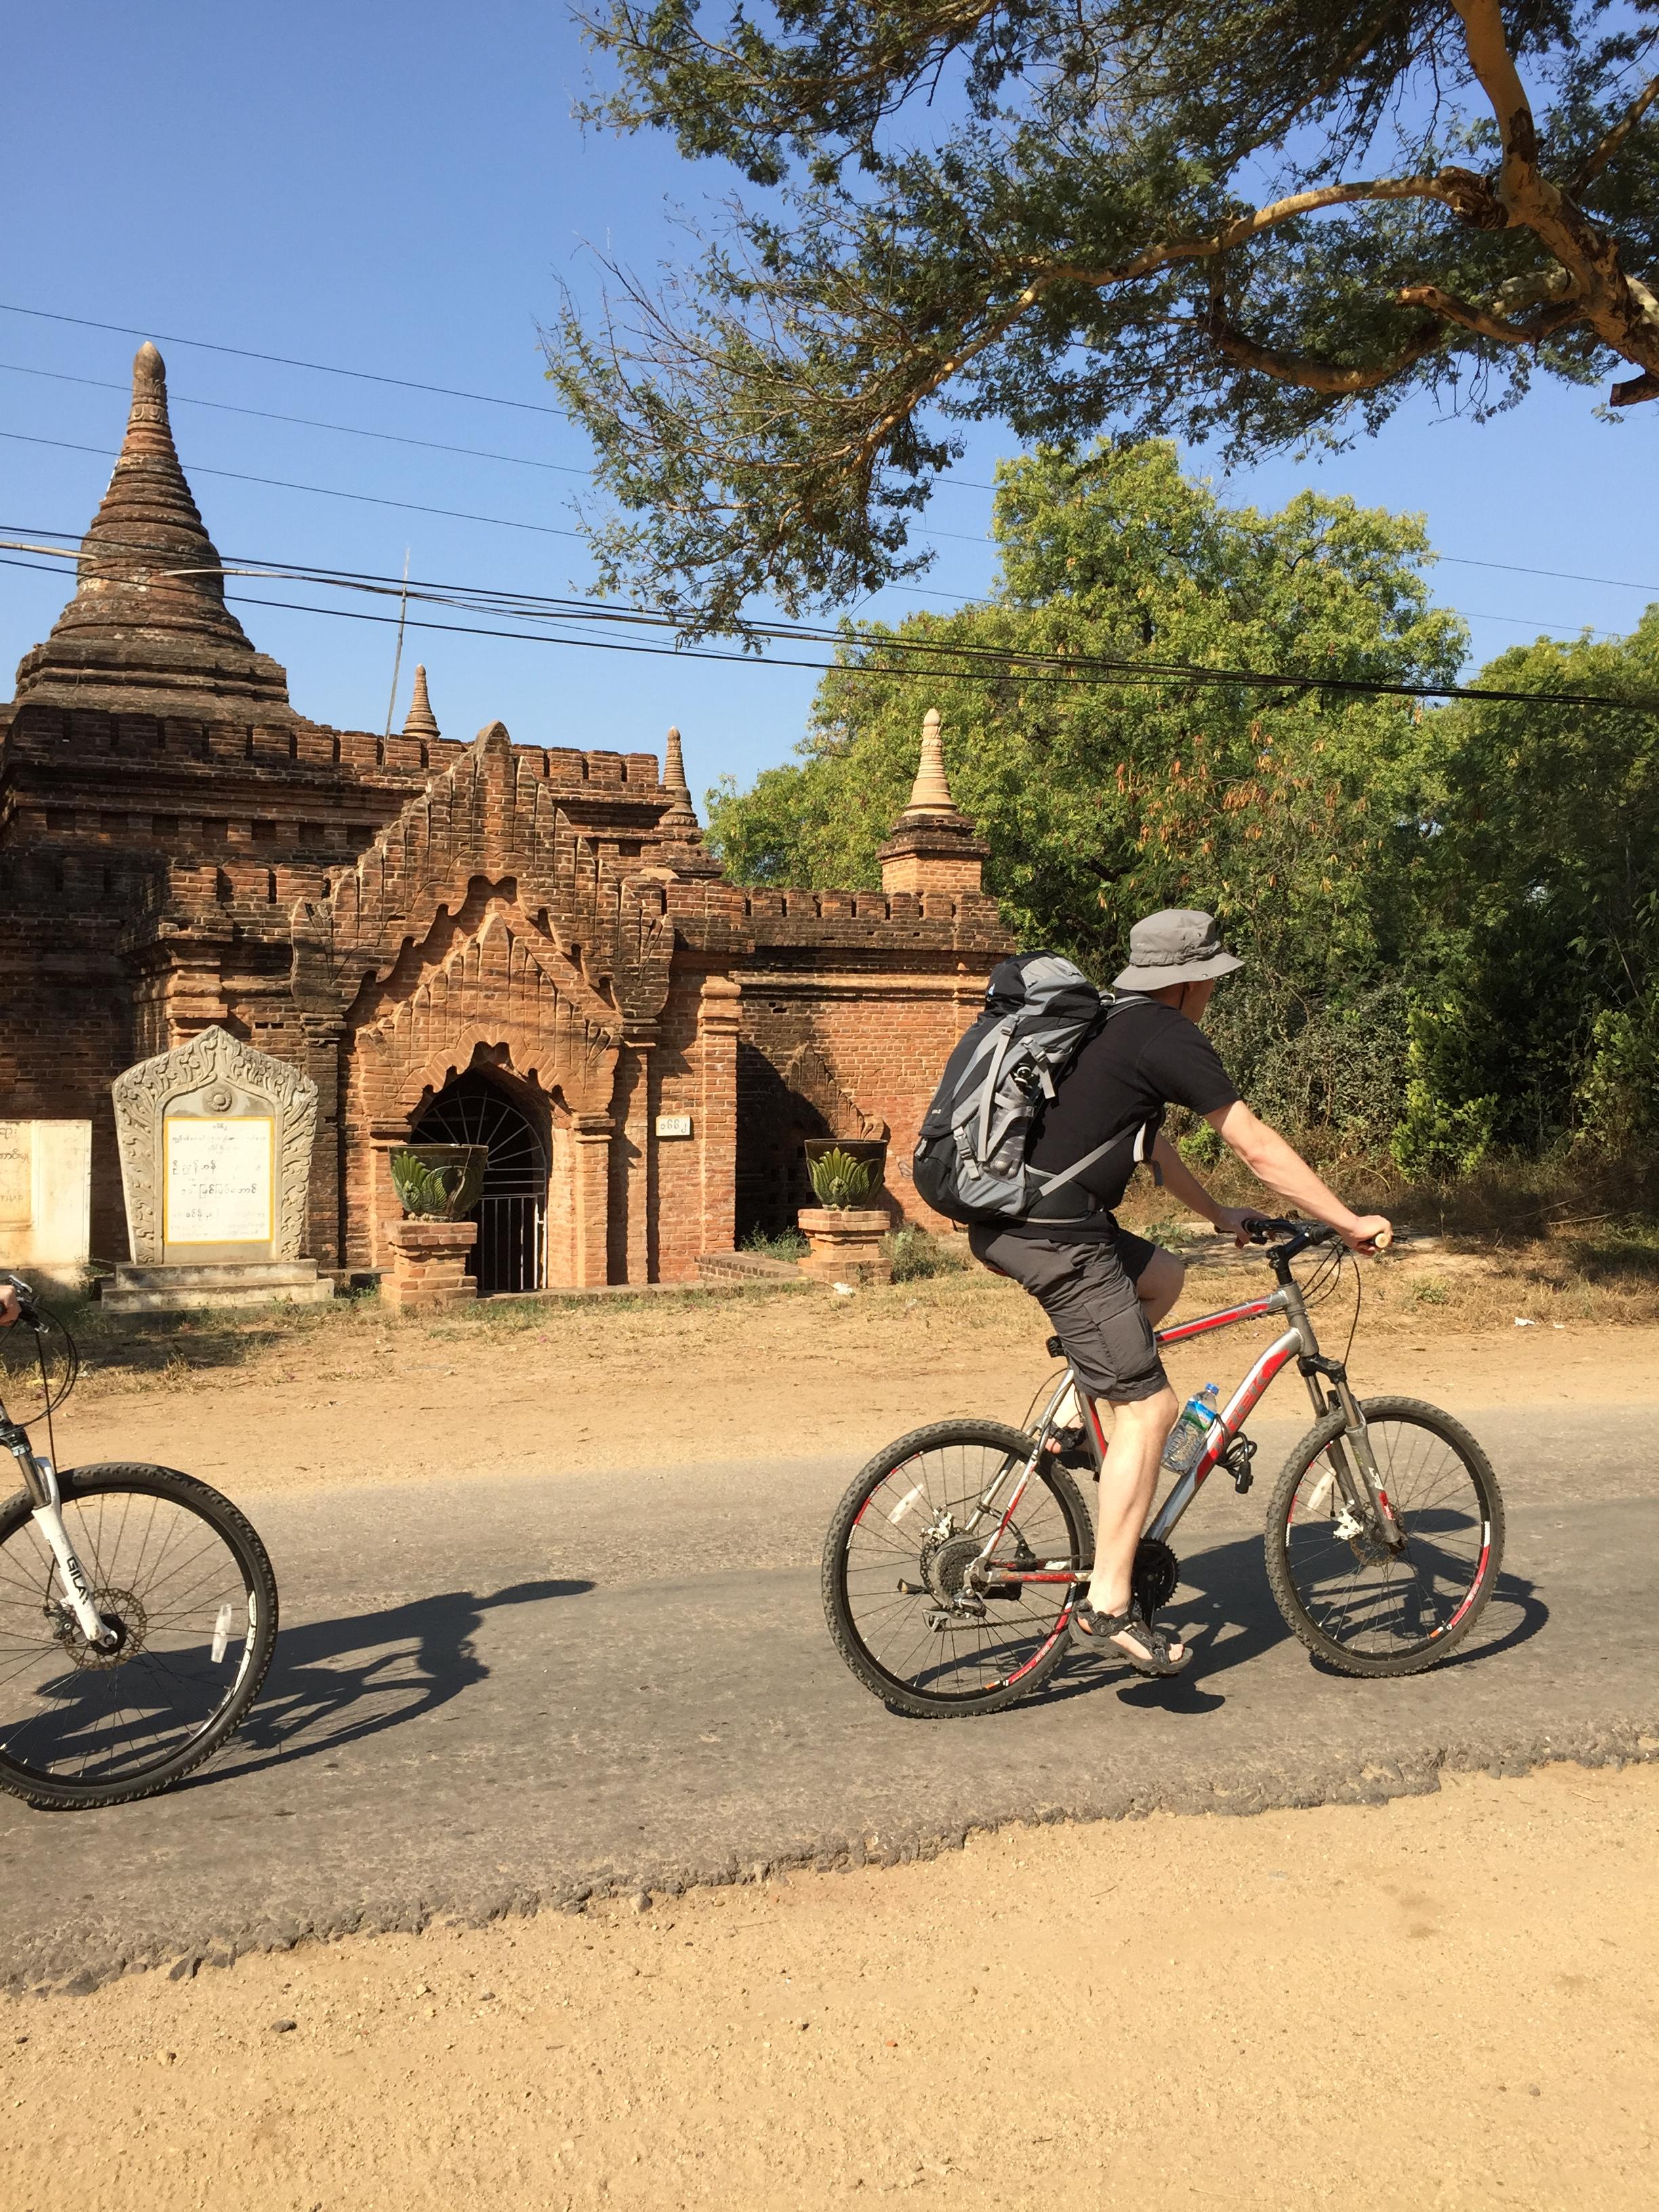 Biking at temple field